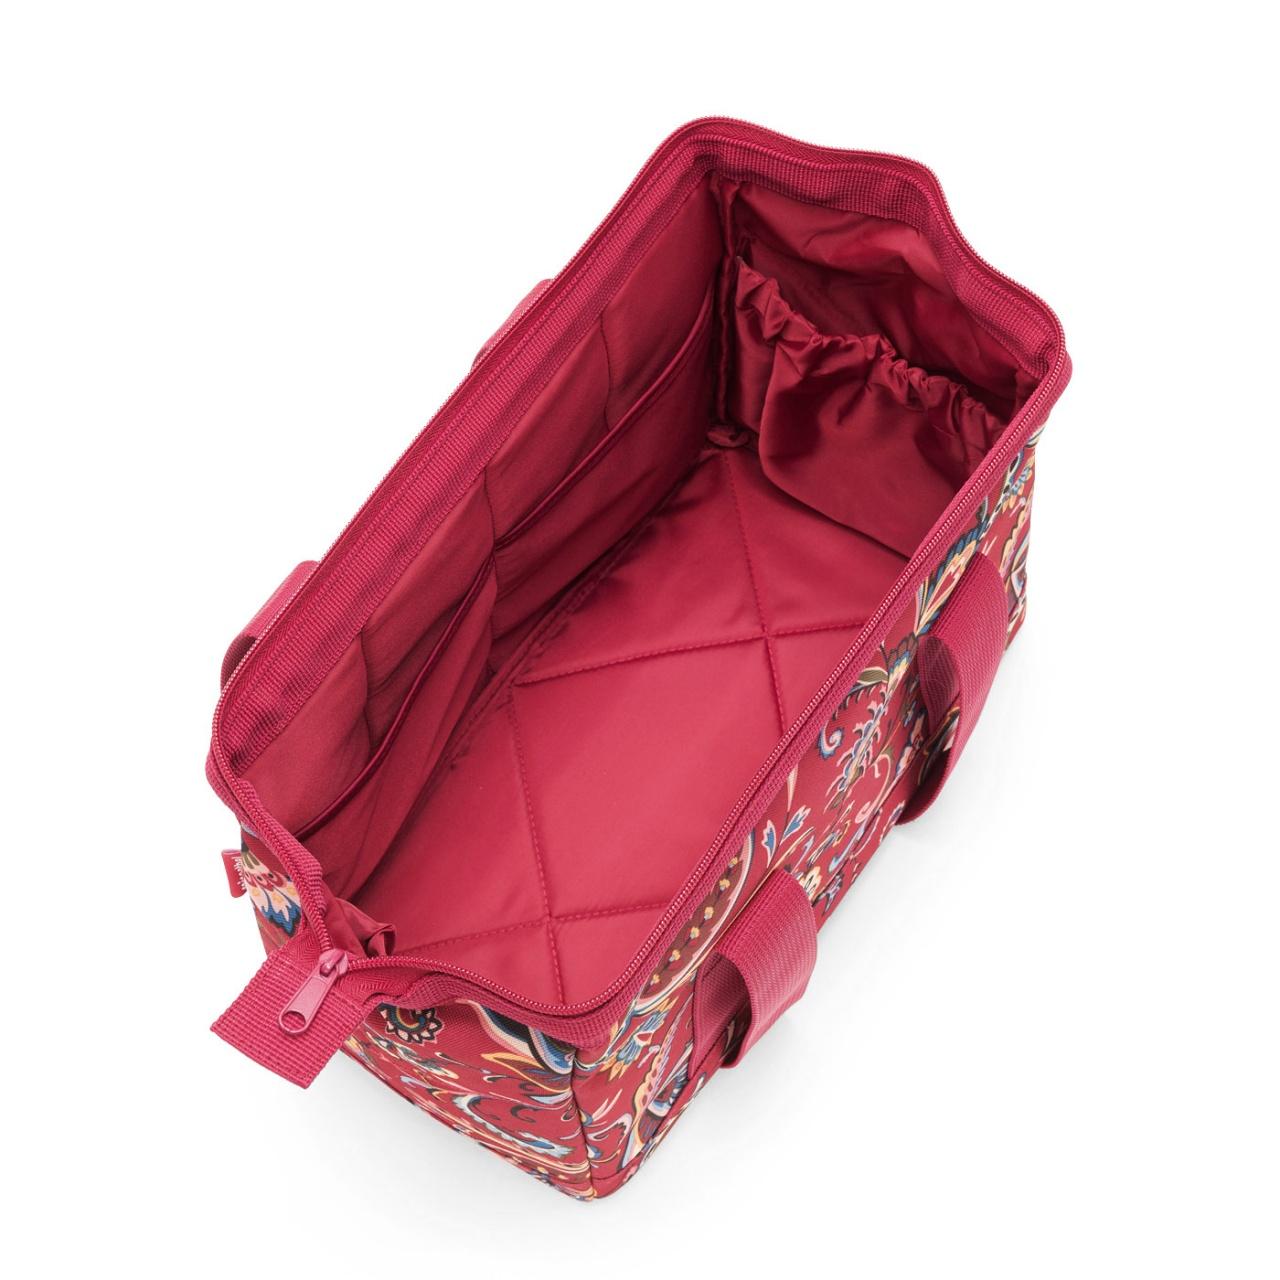 Geantă de voiaj Reisenthel Paisley Ruby S